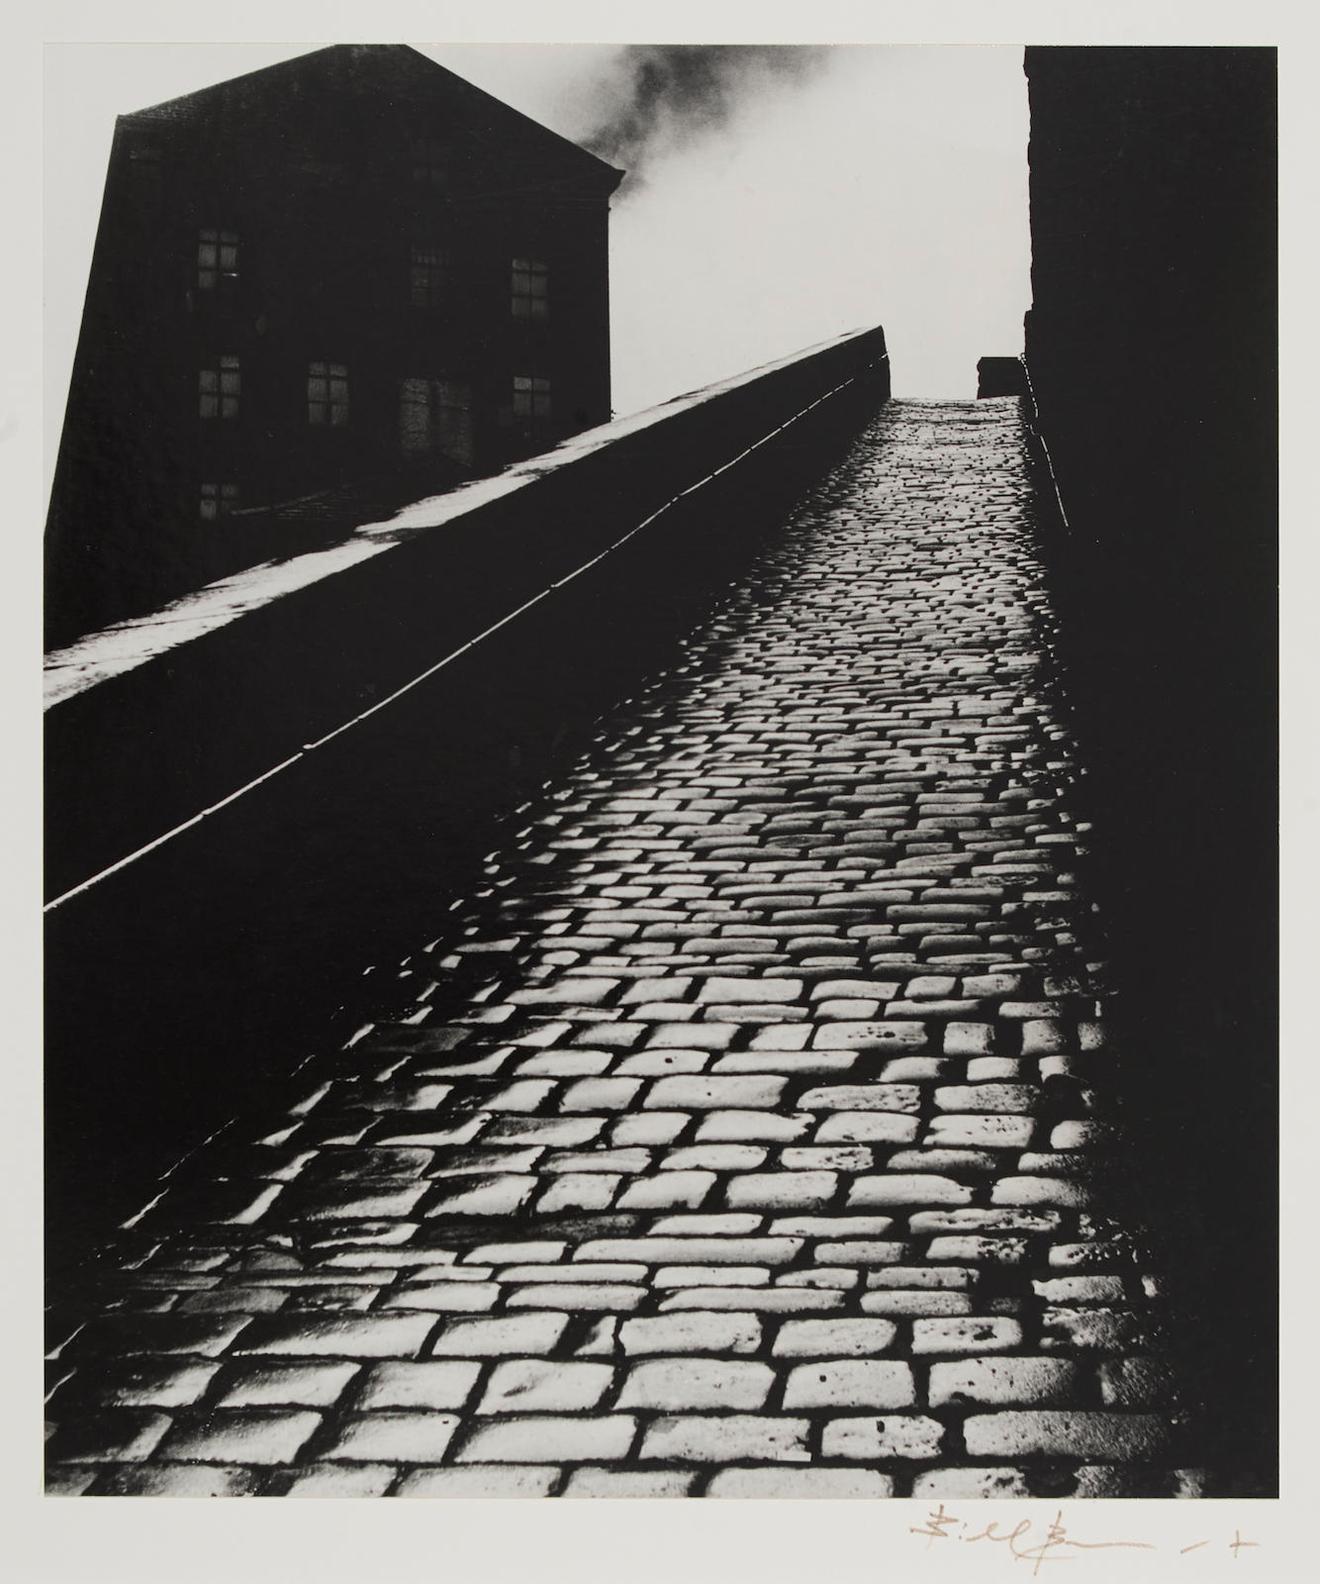 Bill Brandt-A Snicket In Halifax-1937